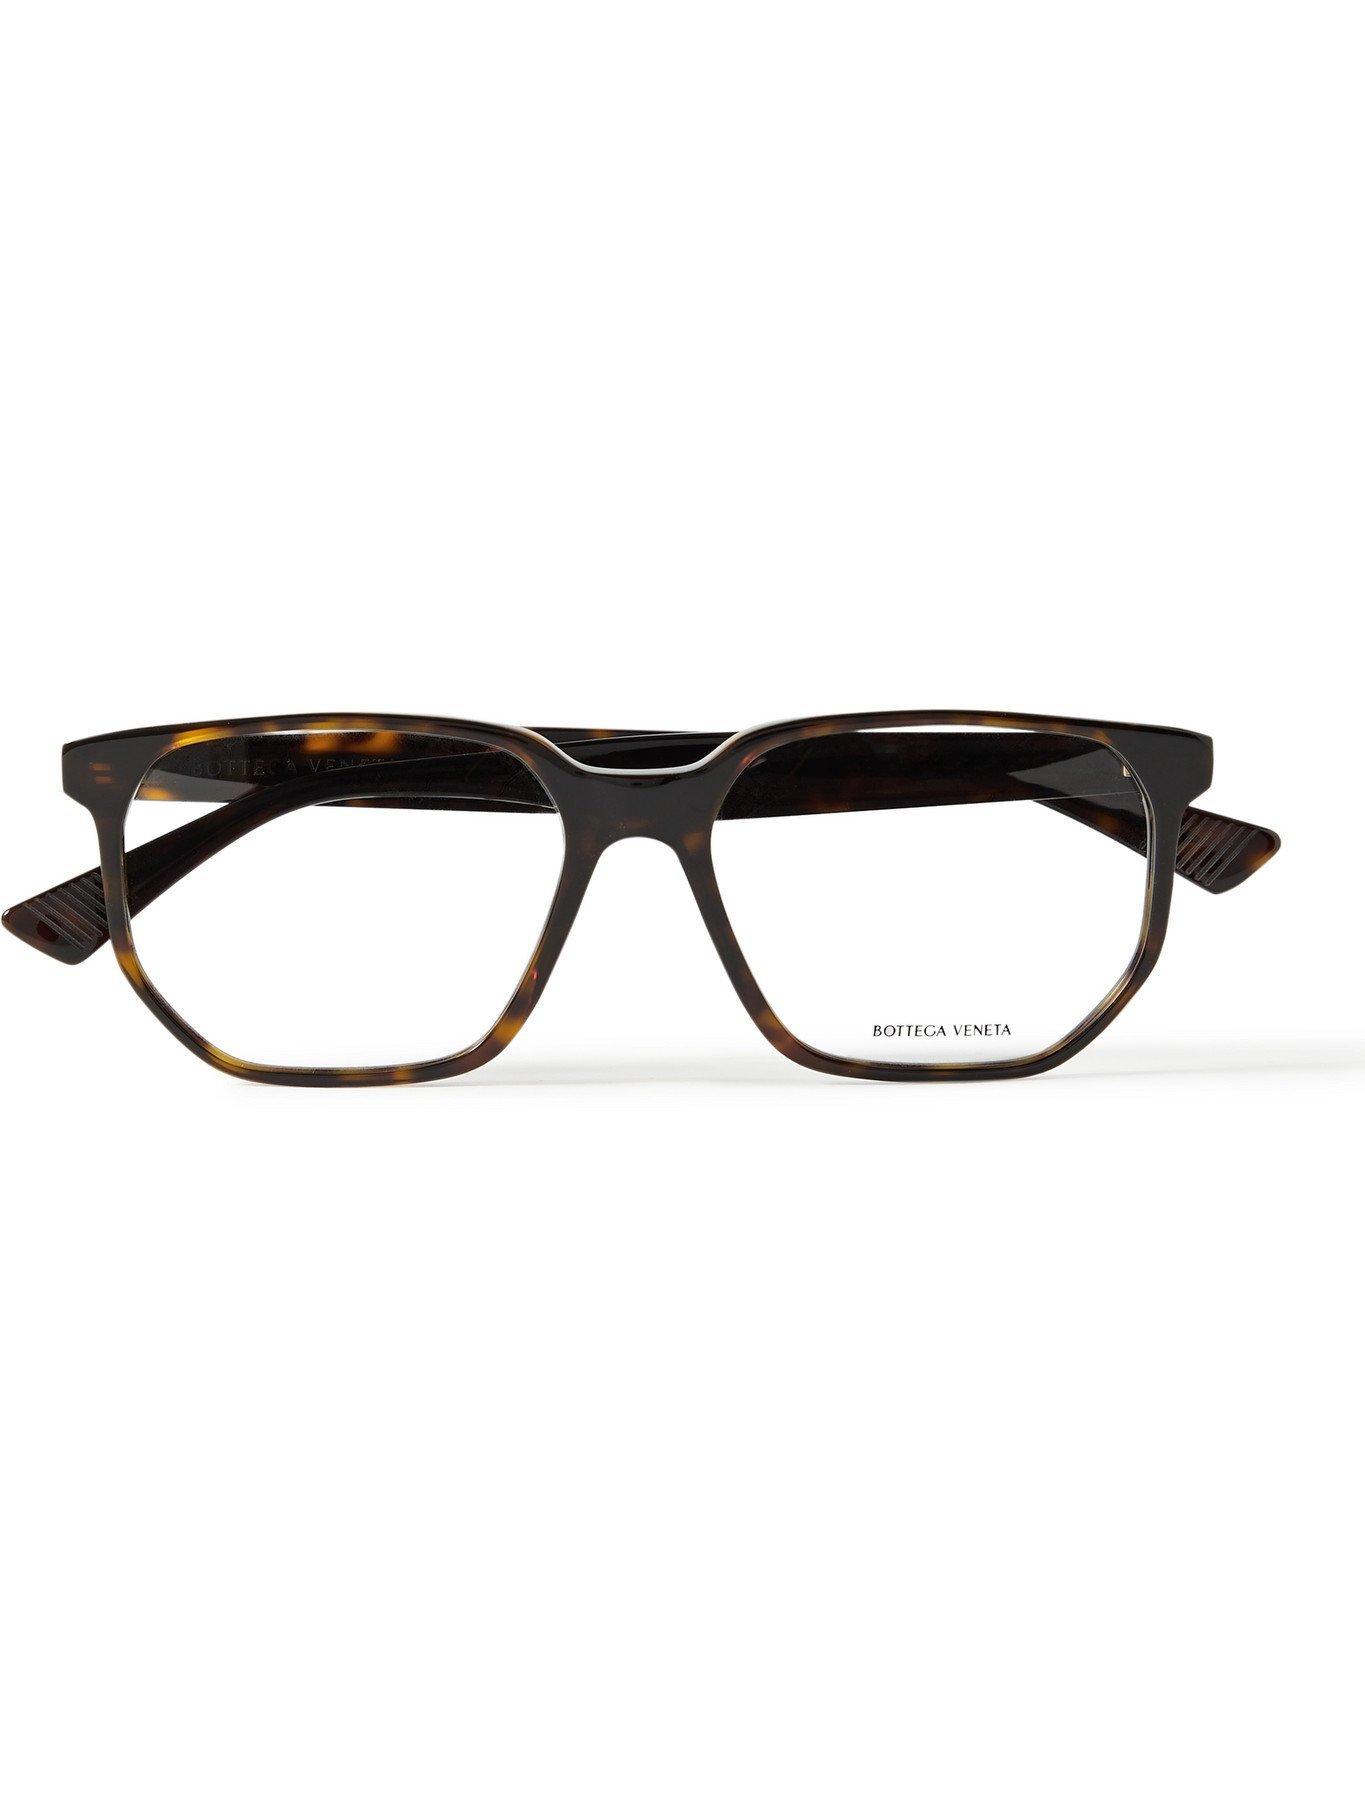 Photo: BOTTEGA VENETA - D-Frame Acetate Optical Glasses - Tortoiseshell